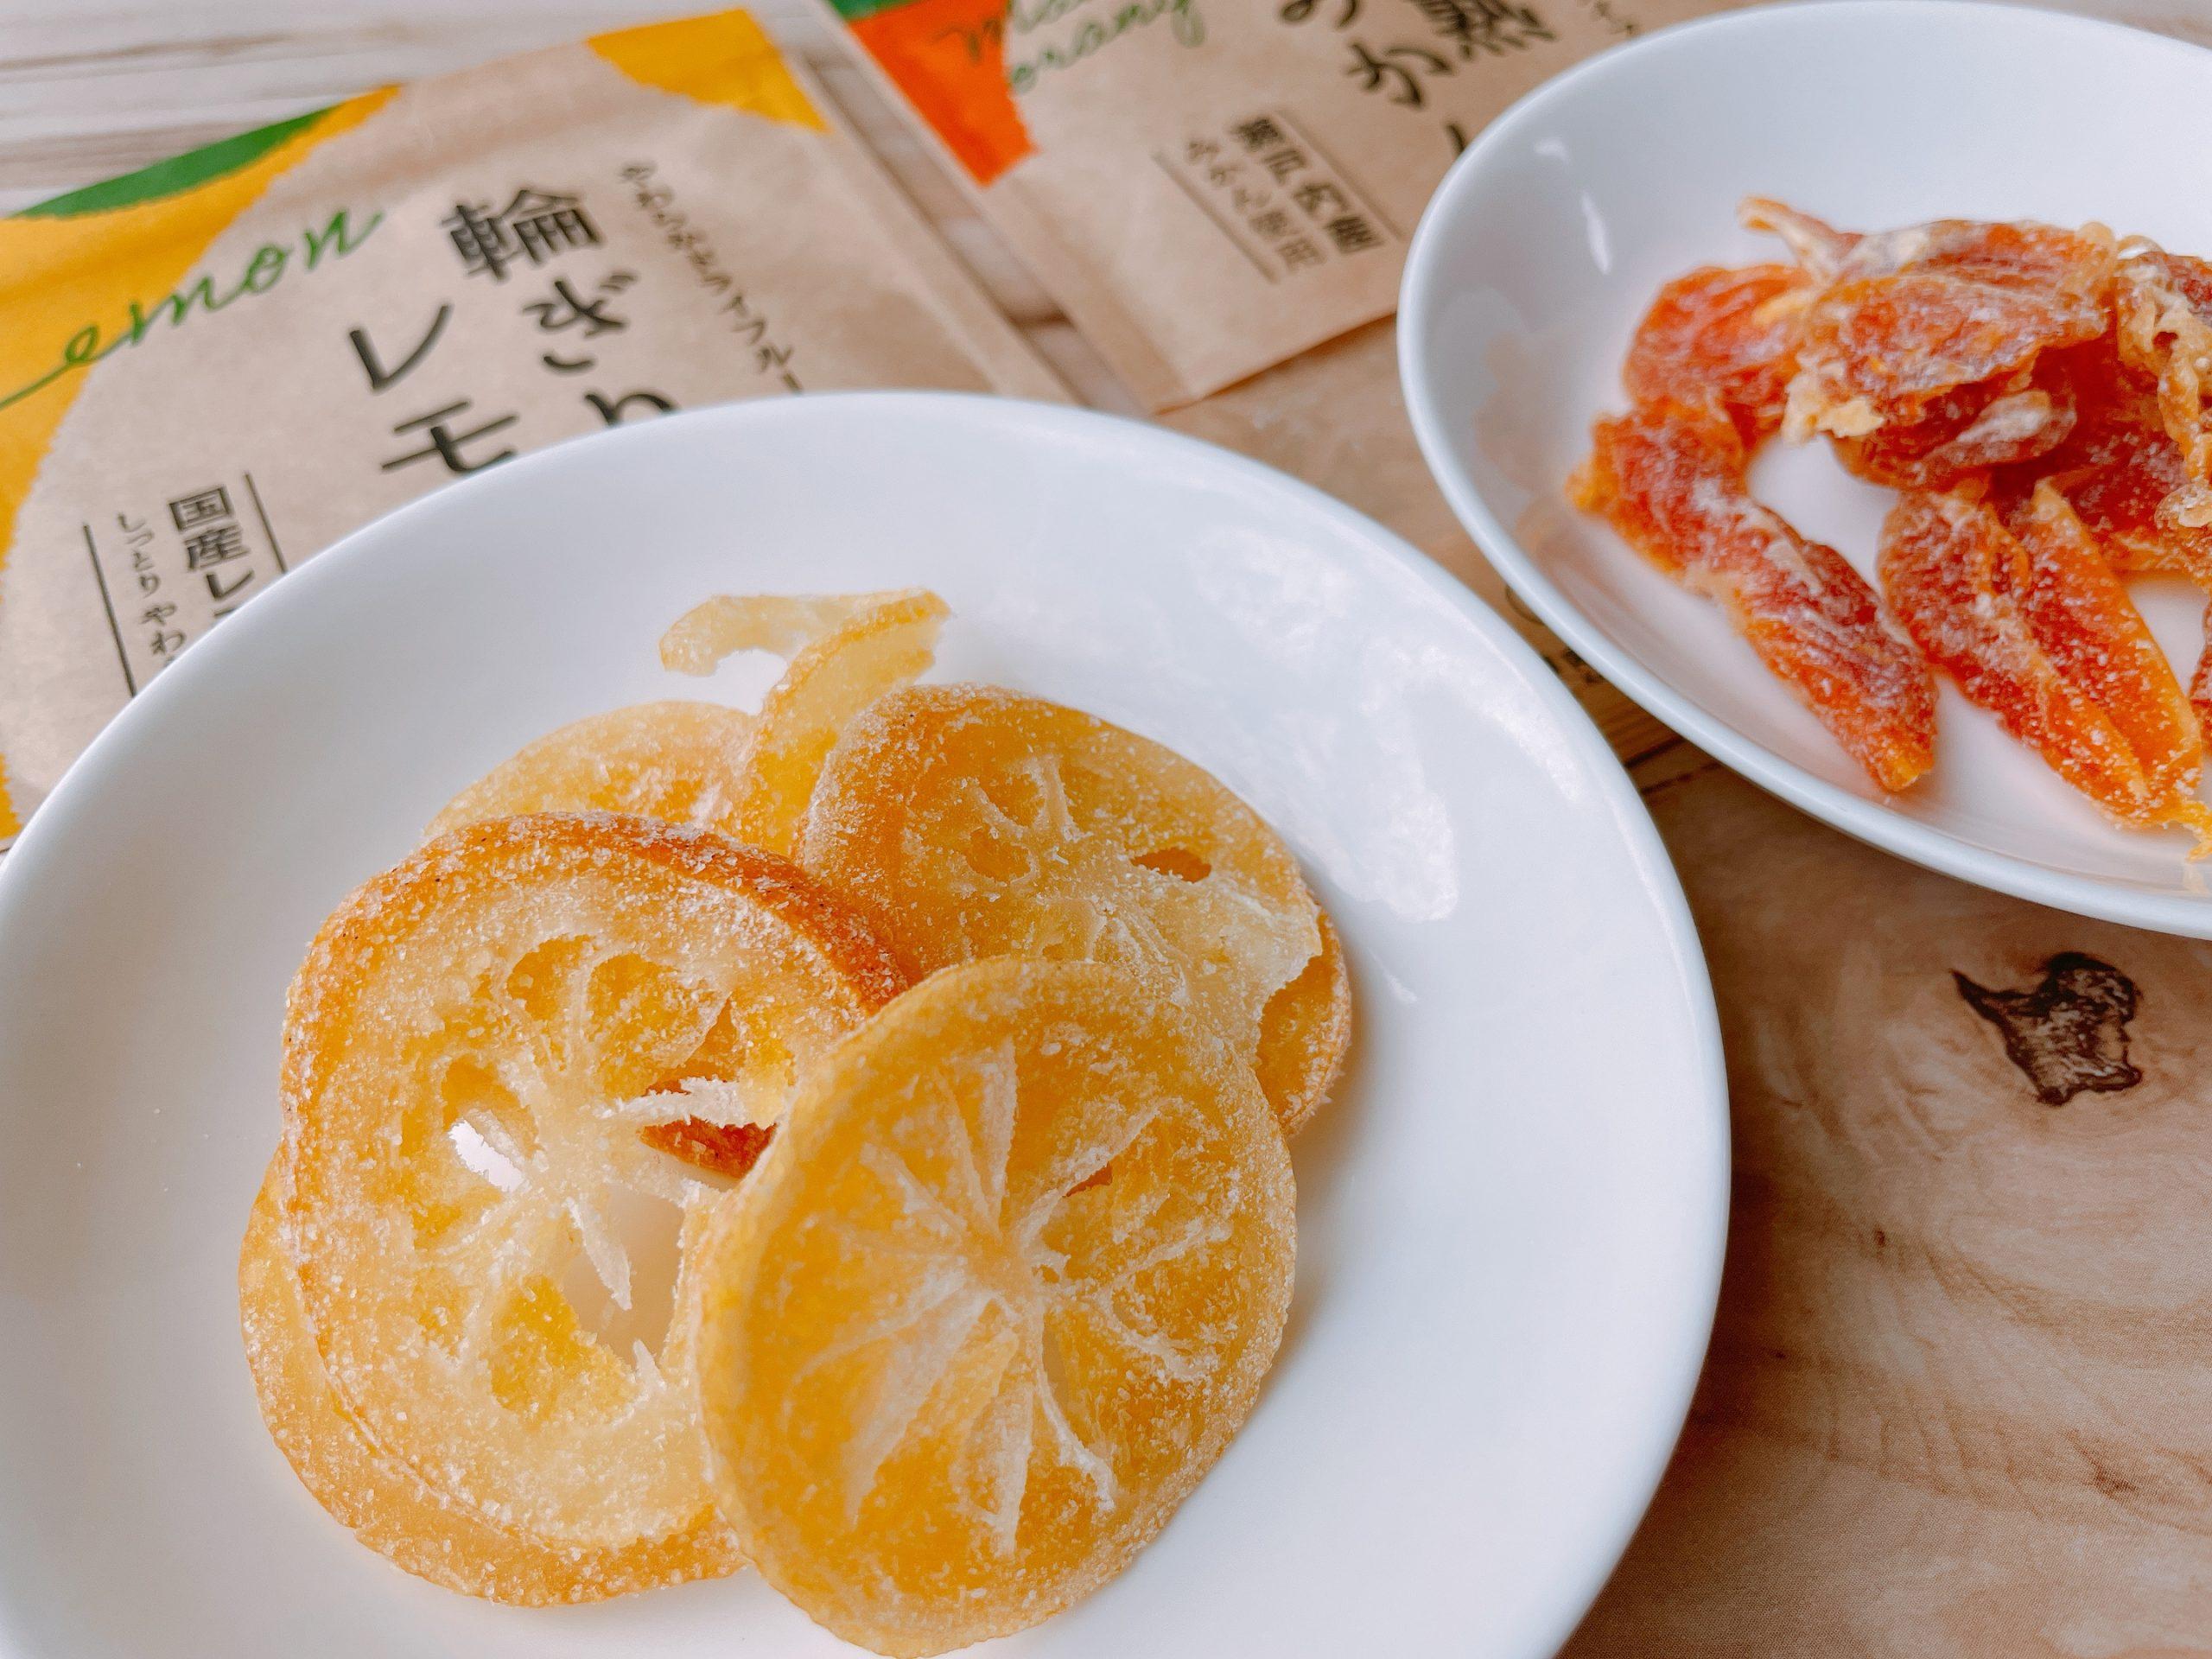 南信州菓子工房の輪切りレモン